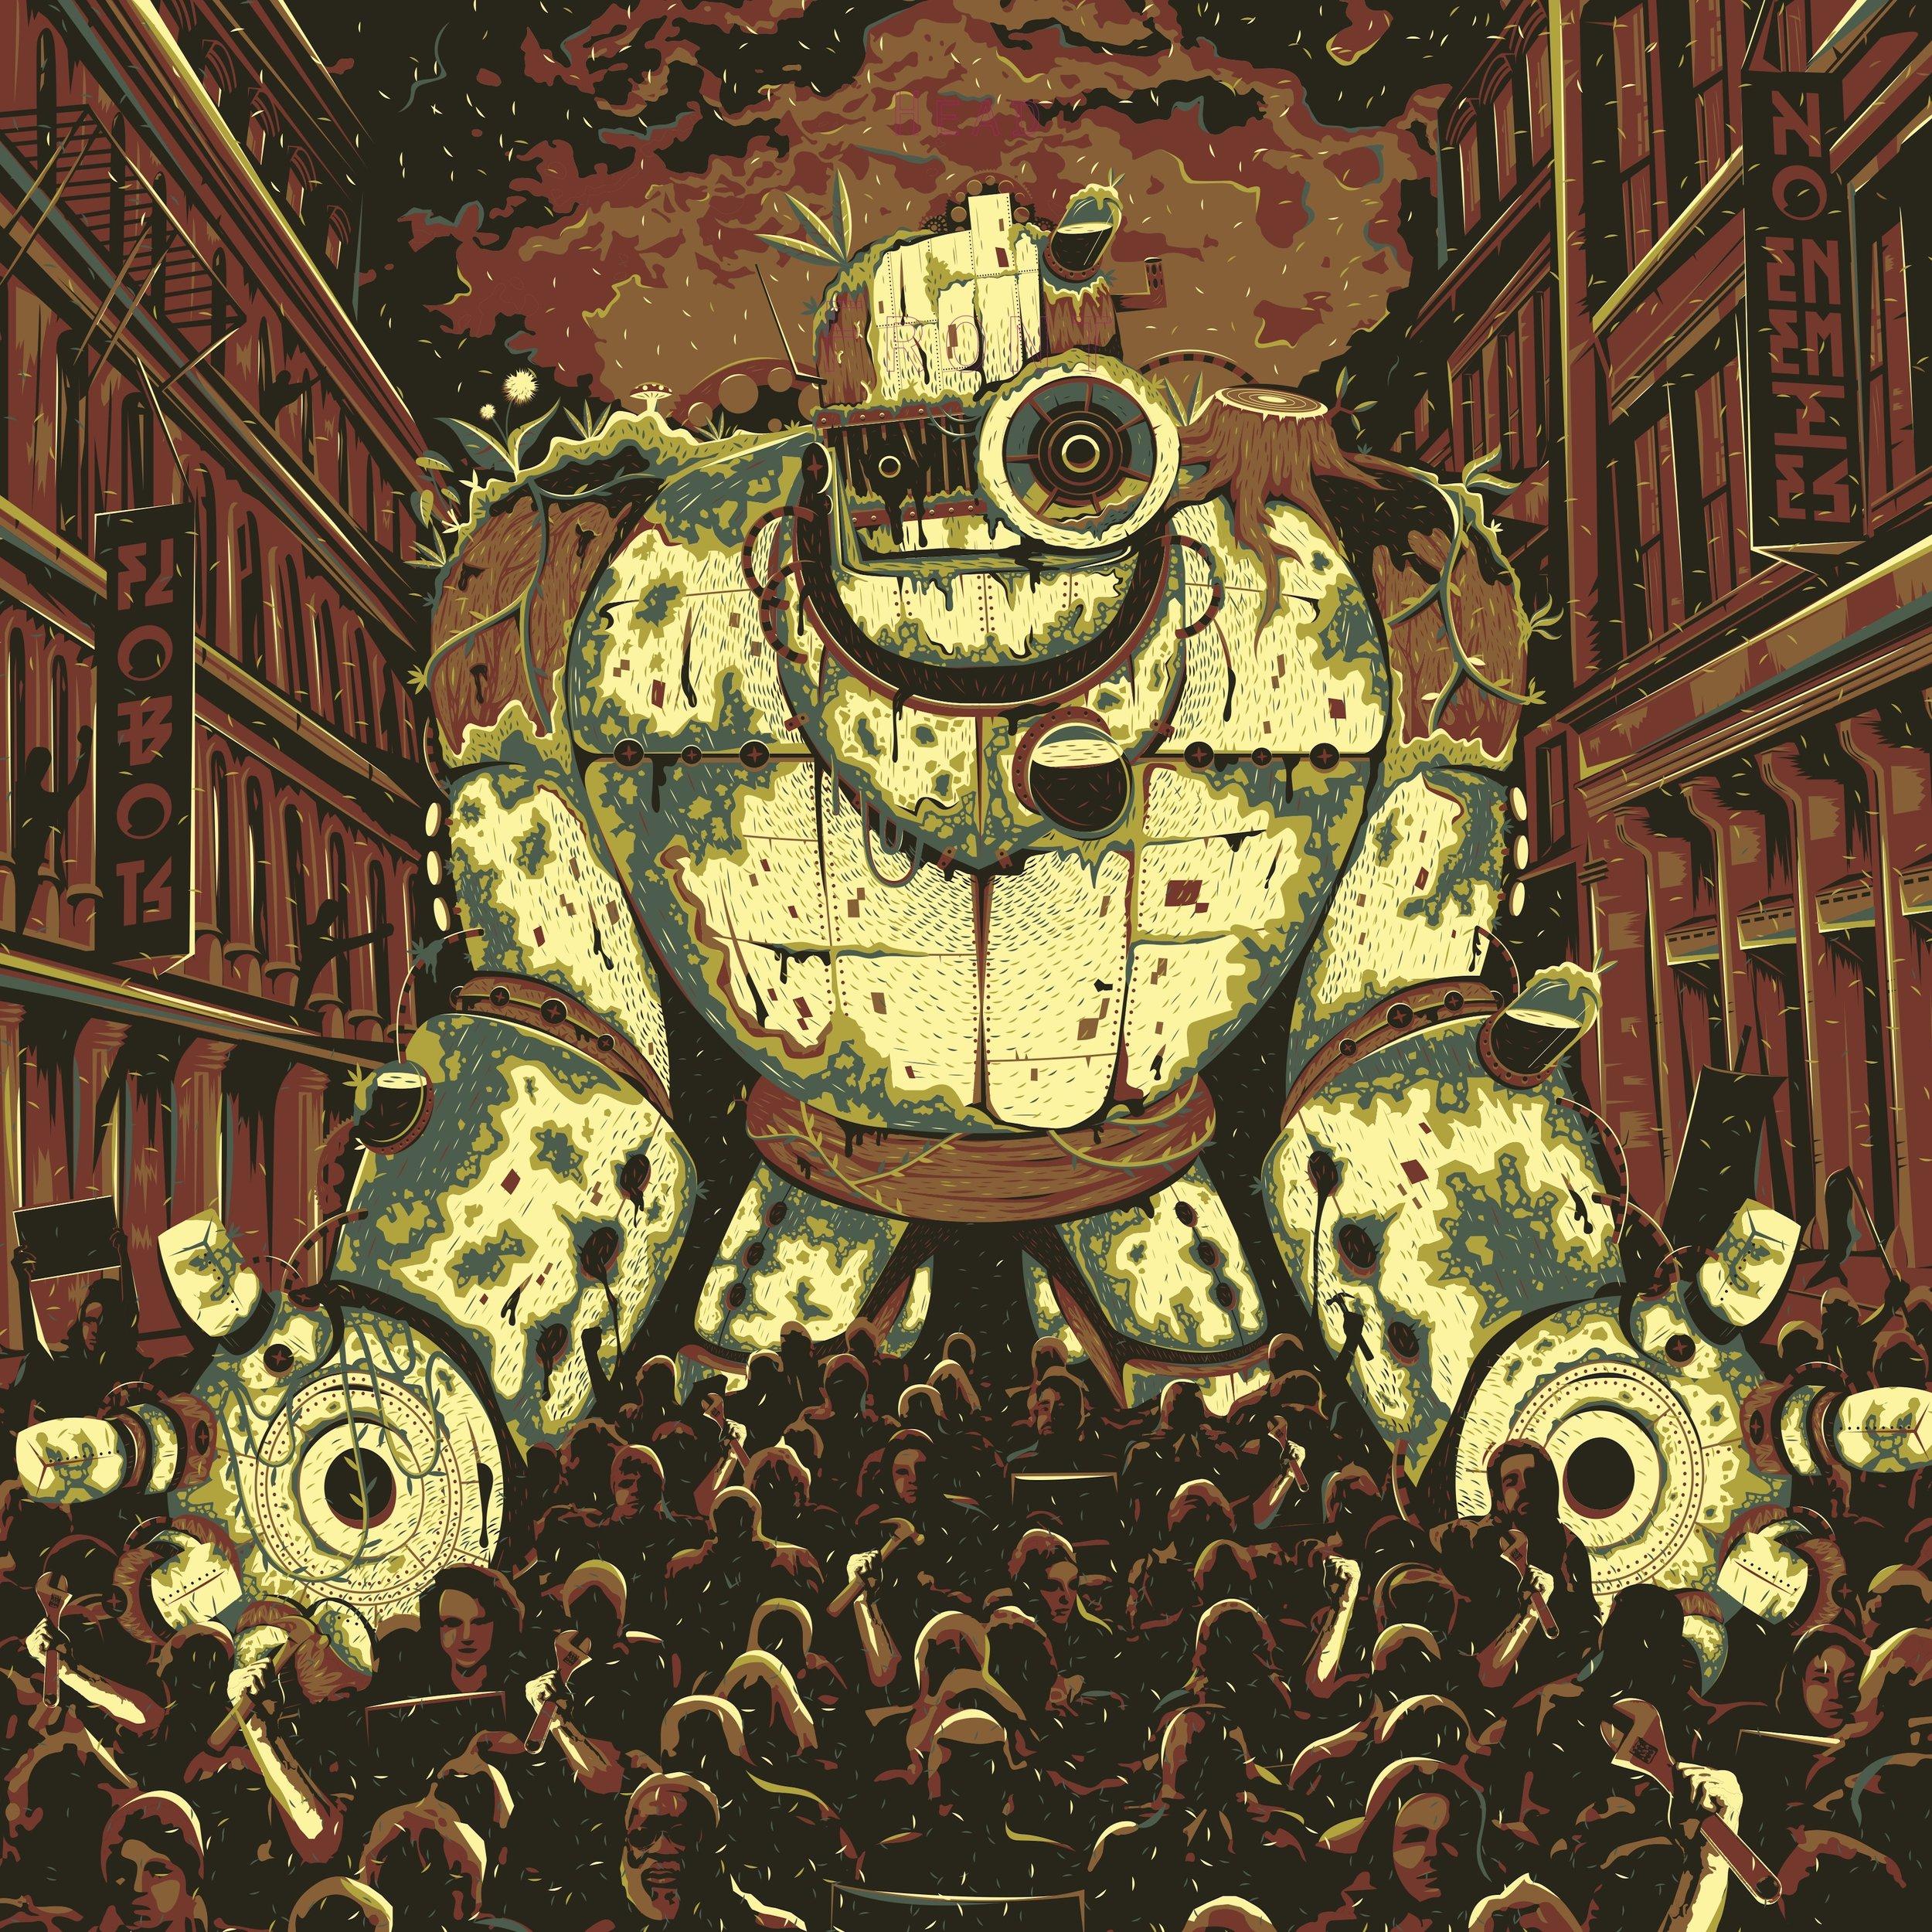 NOENEMIES Album Cover (square).jpg